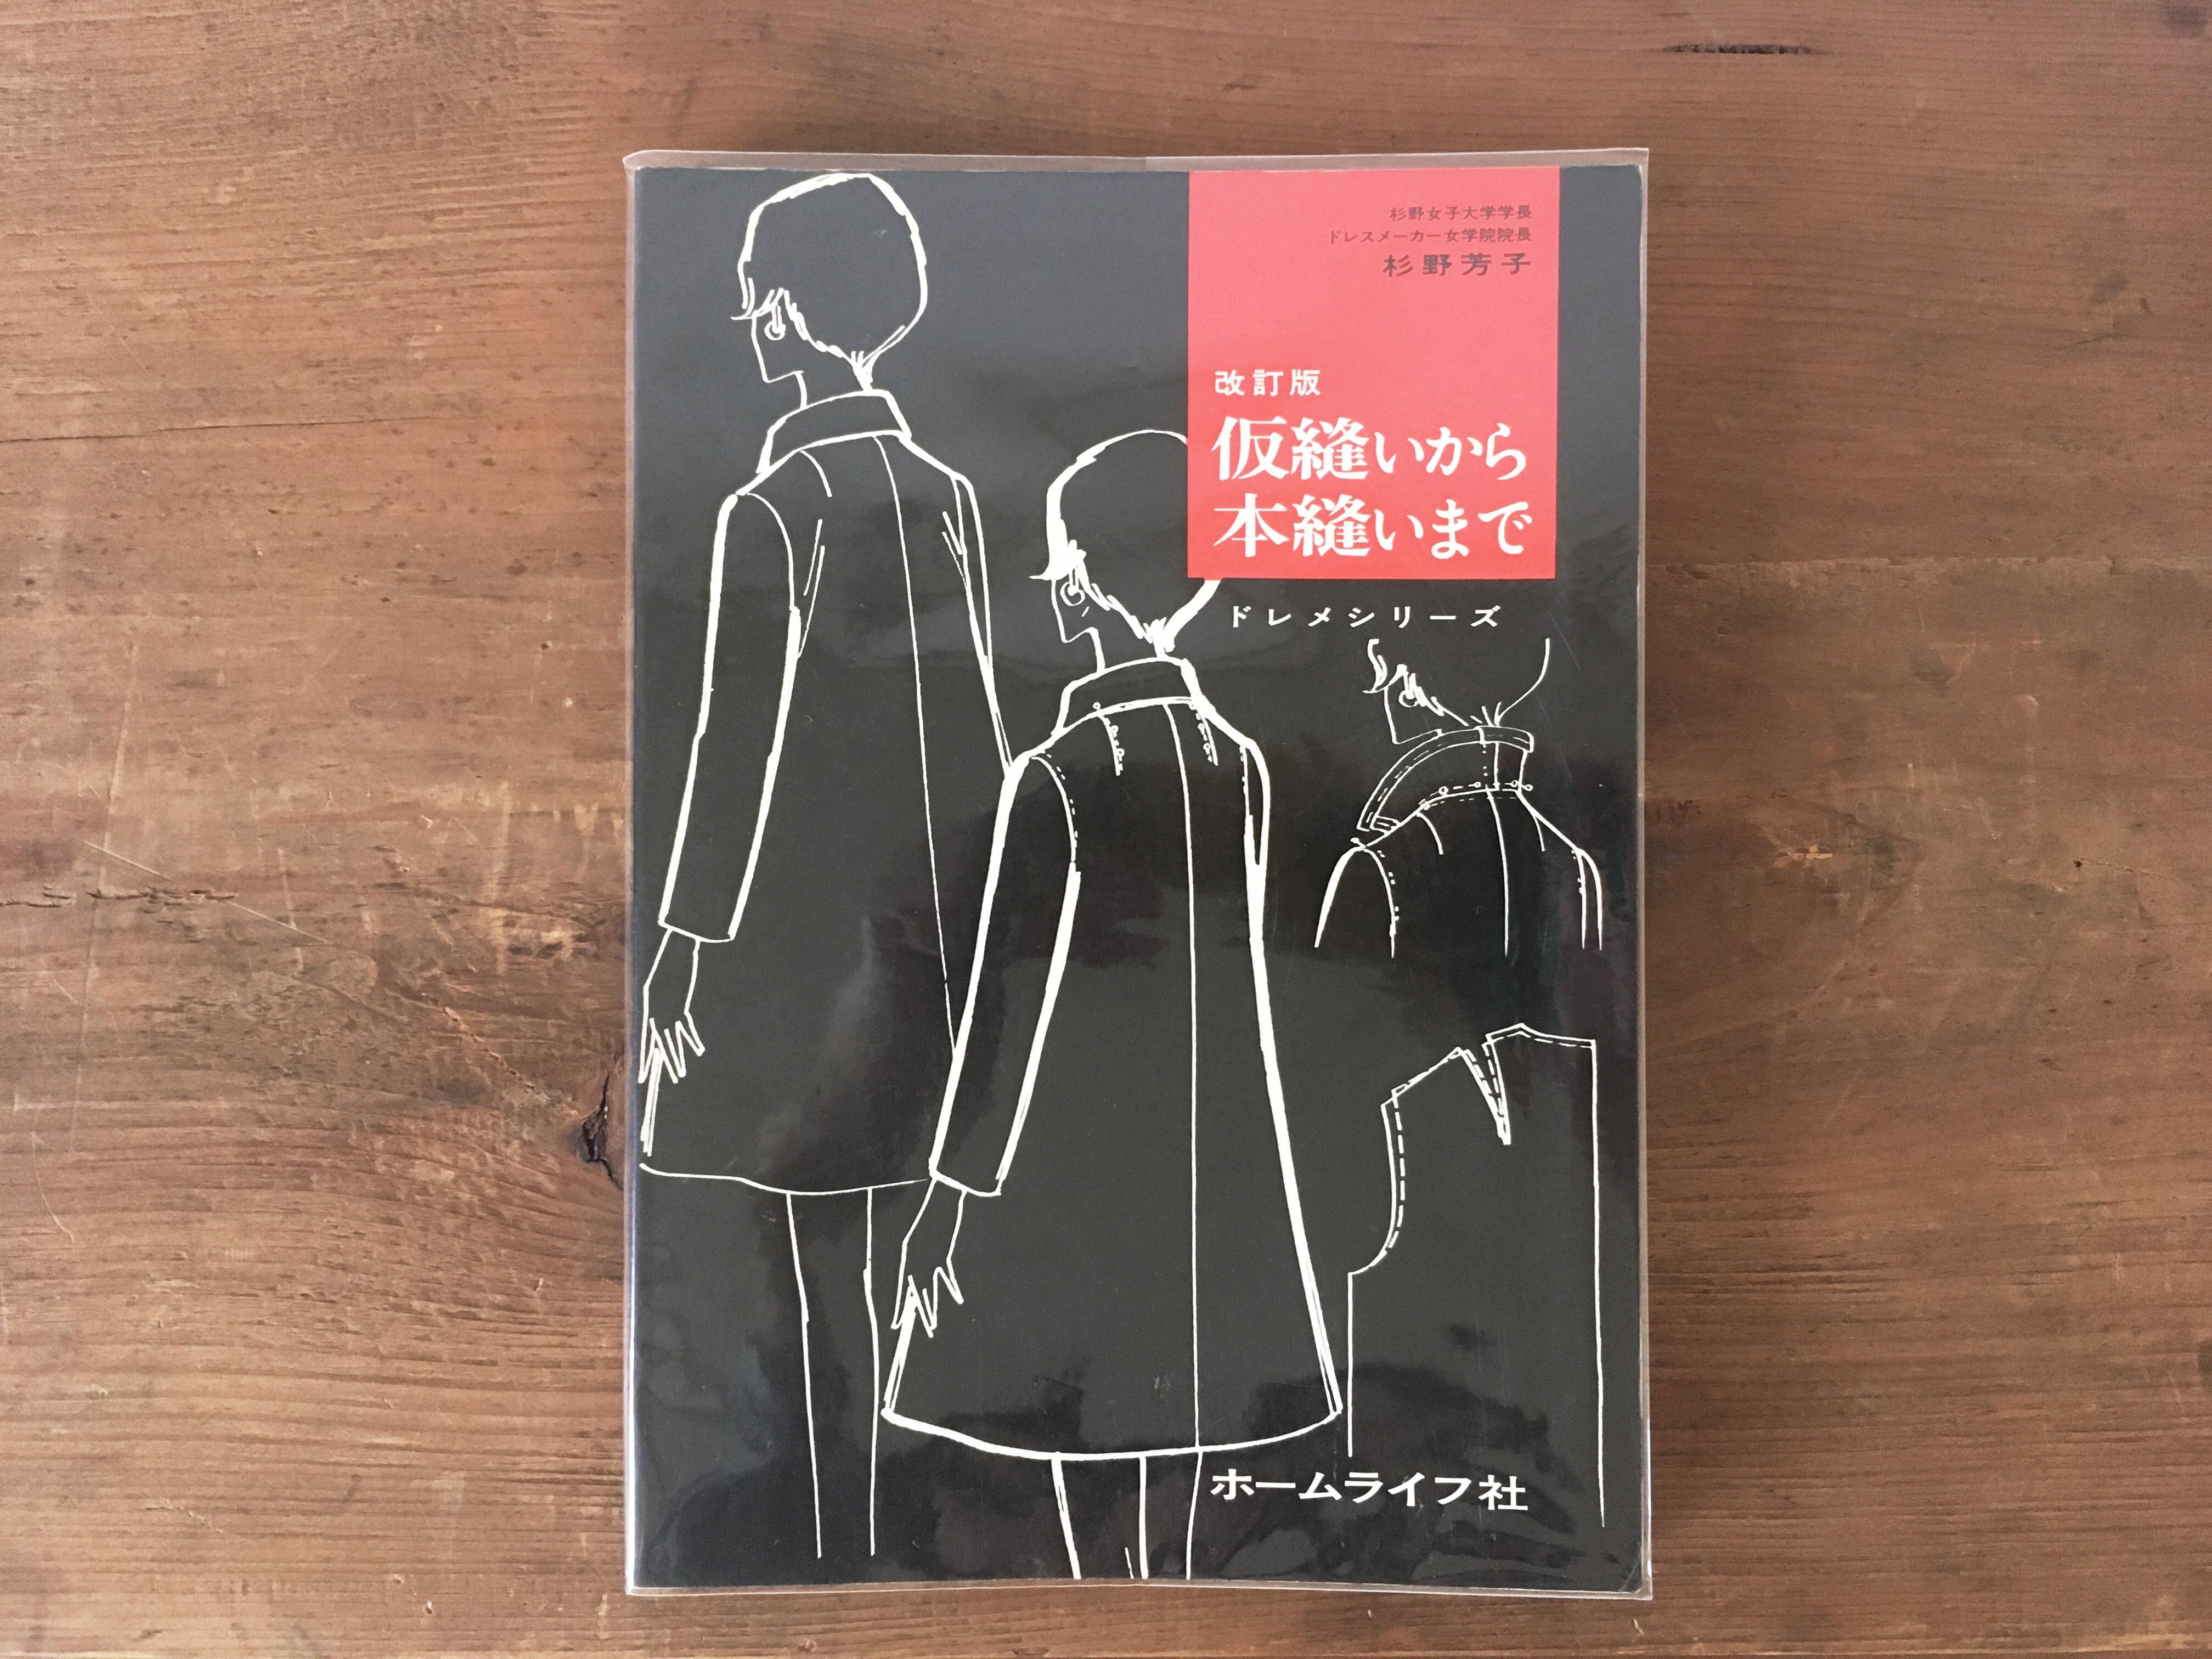 [古本]ドレメシリーズ 改訂版 仮縫いから本縫いまで / 杉野芳子 著